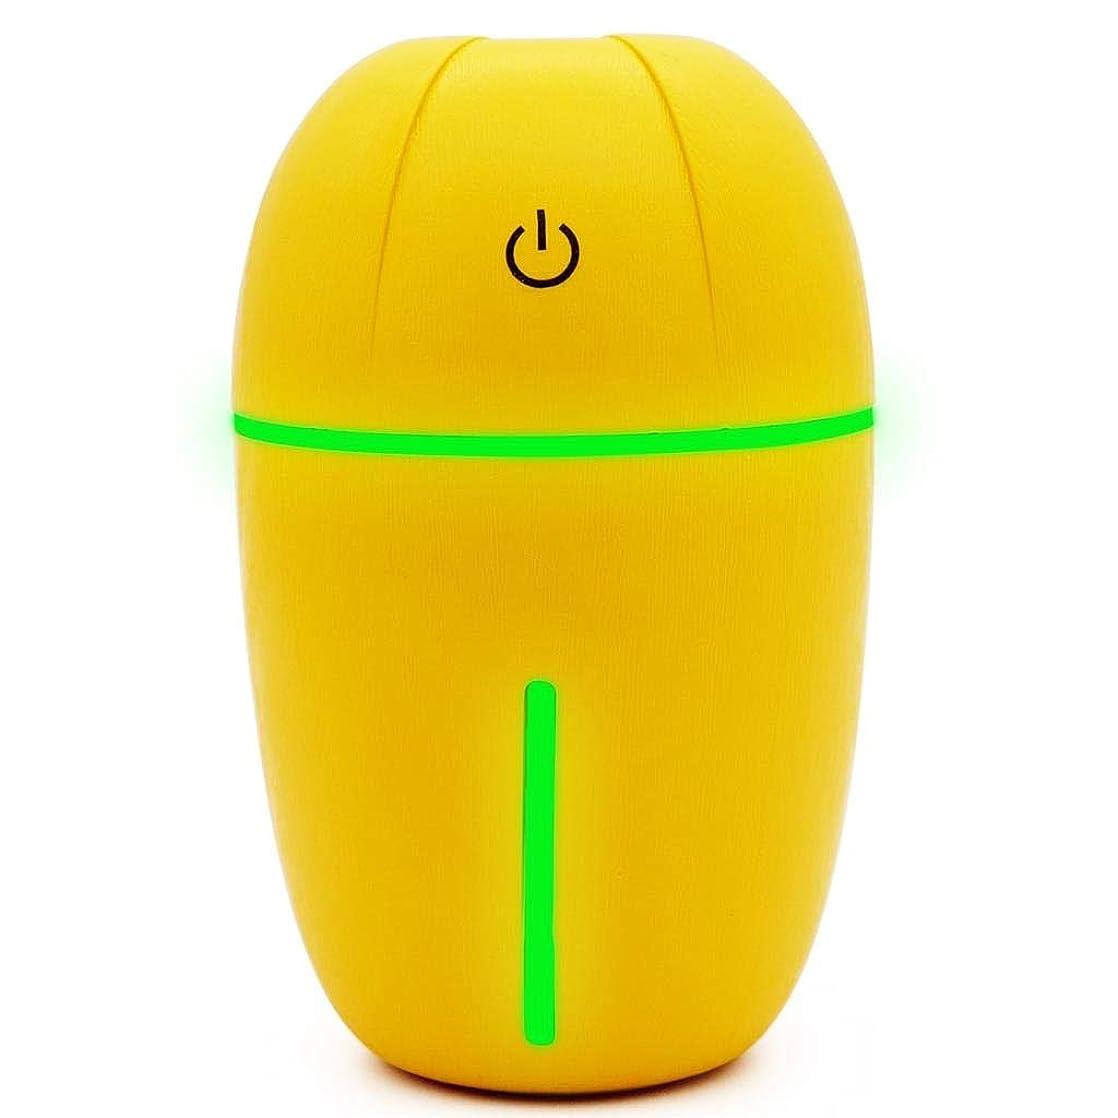 手荷物薄汚いビート騒音30dB 以下 芳香 拡張器 清涼 薄霧 加湿器 ミスト アロマ フレグランス 癒し リラックス 調光 LED 寝室 (Color : Yellow)